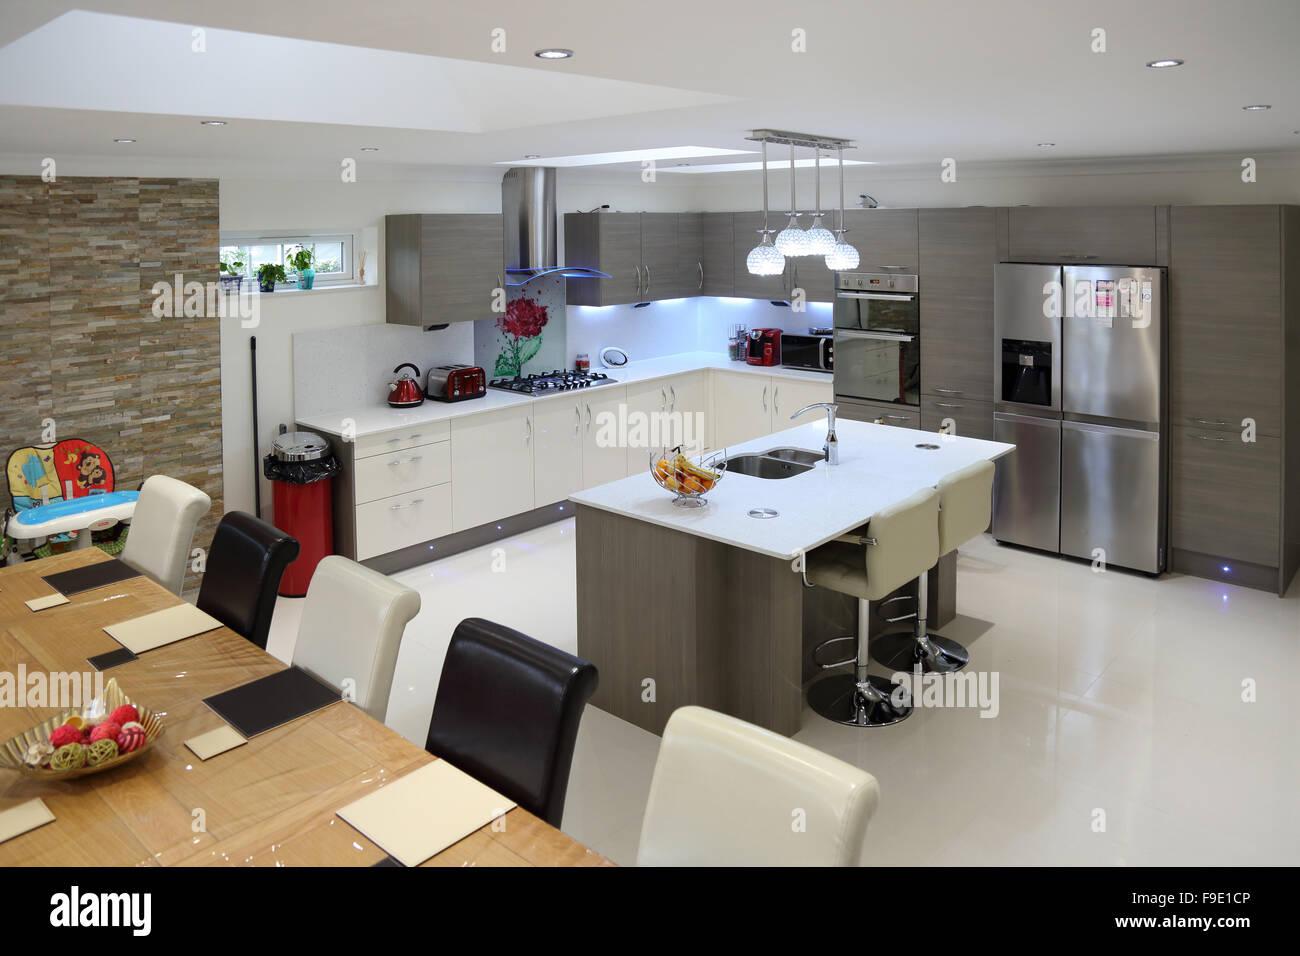 Kühlschrank Neu : Küche esszimmer in einem neu renovierten haus mit küchenzeile